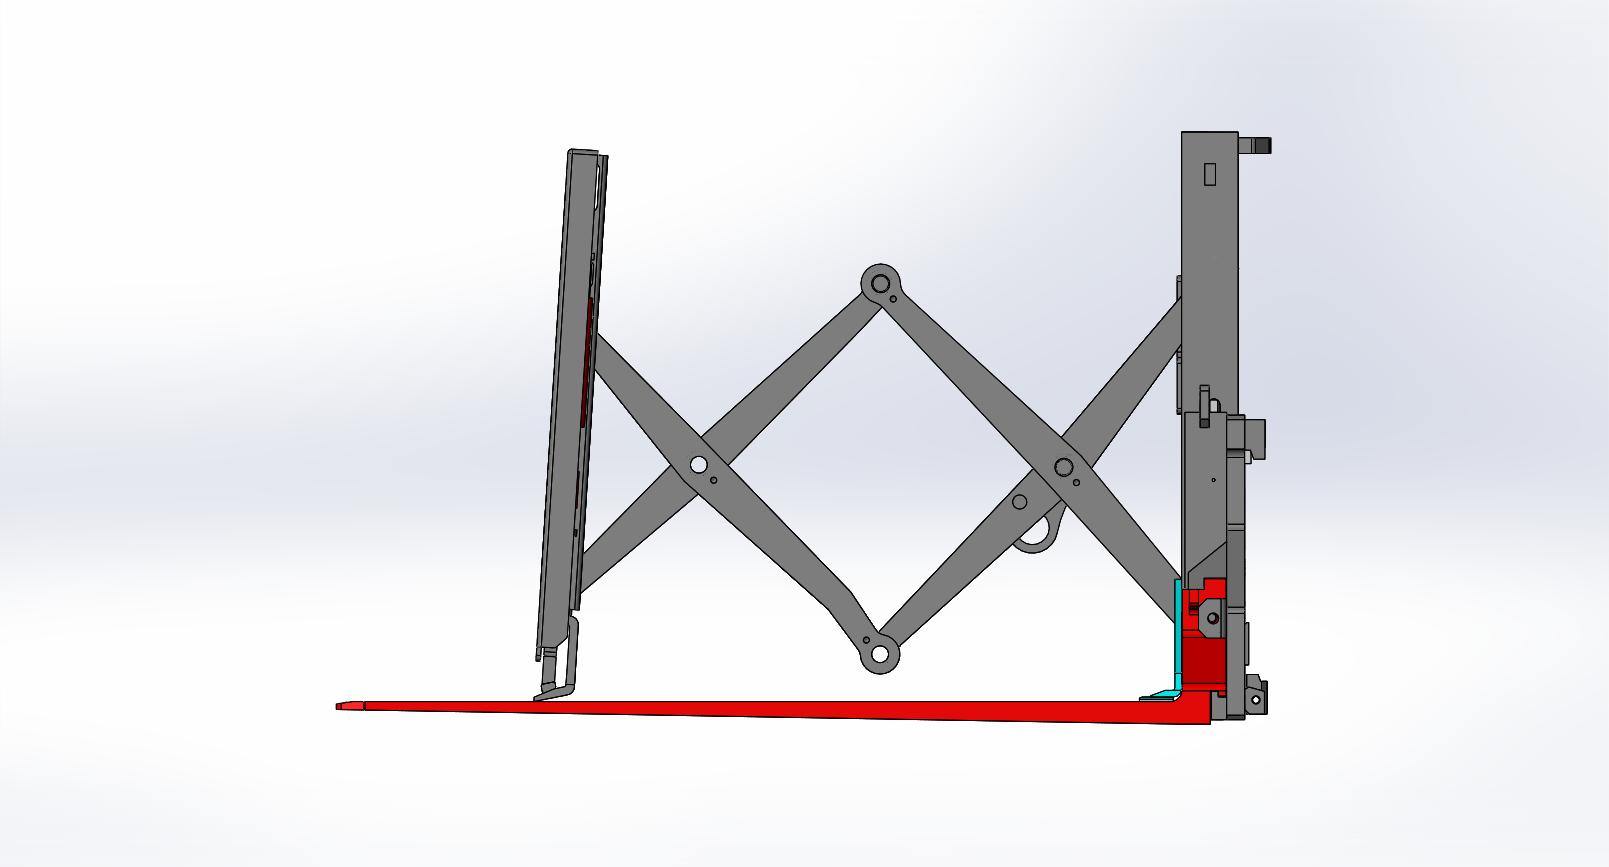 Axon Forklift: Forklift Push Pull-3